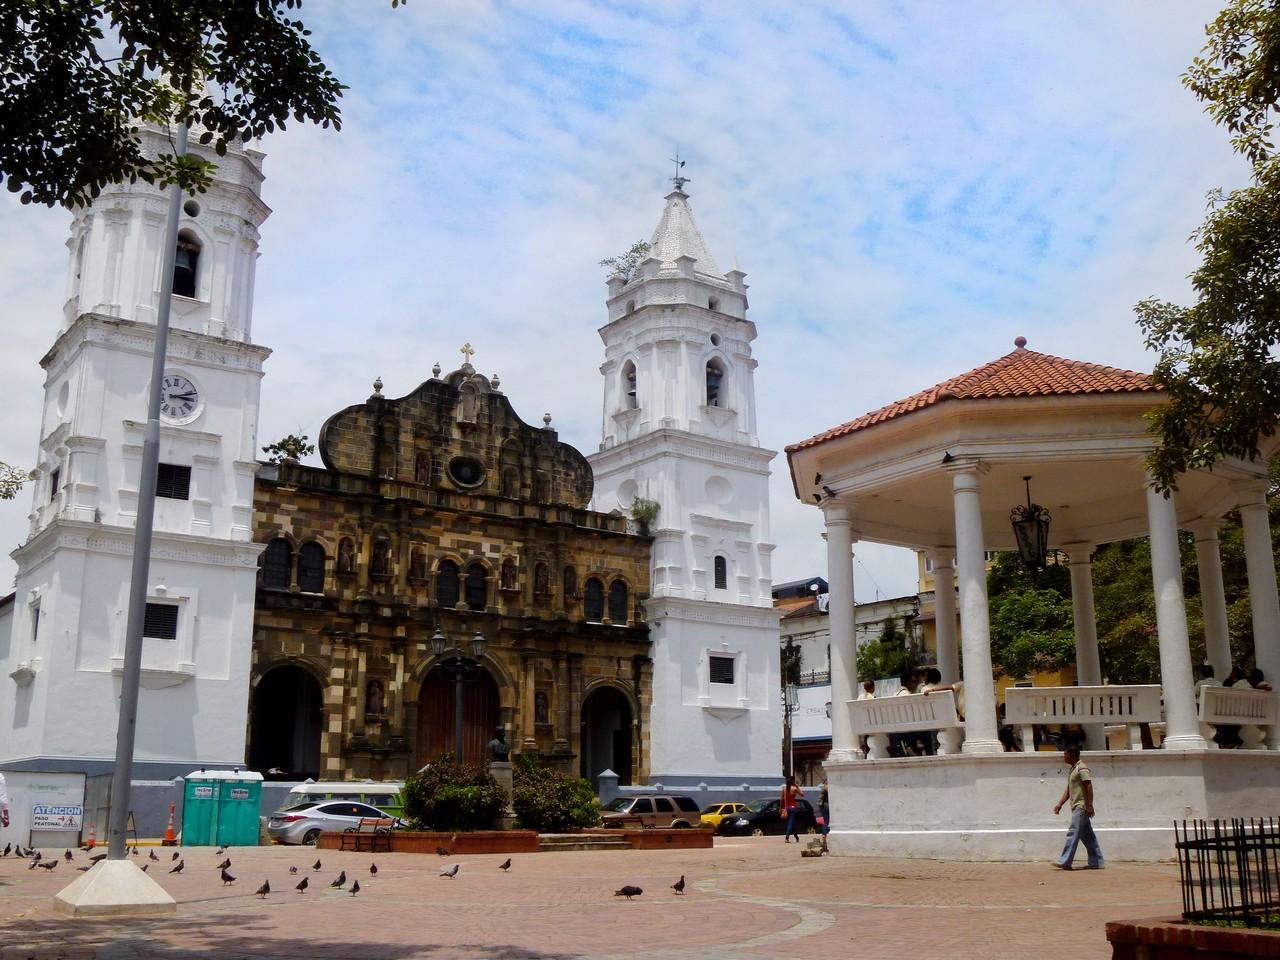 Catedral_Metropolitana_Panamá_Casco_Viejo